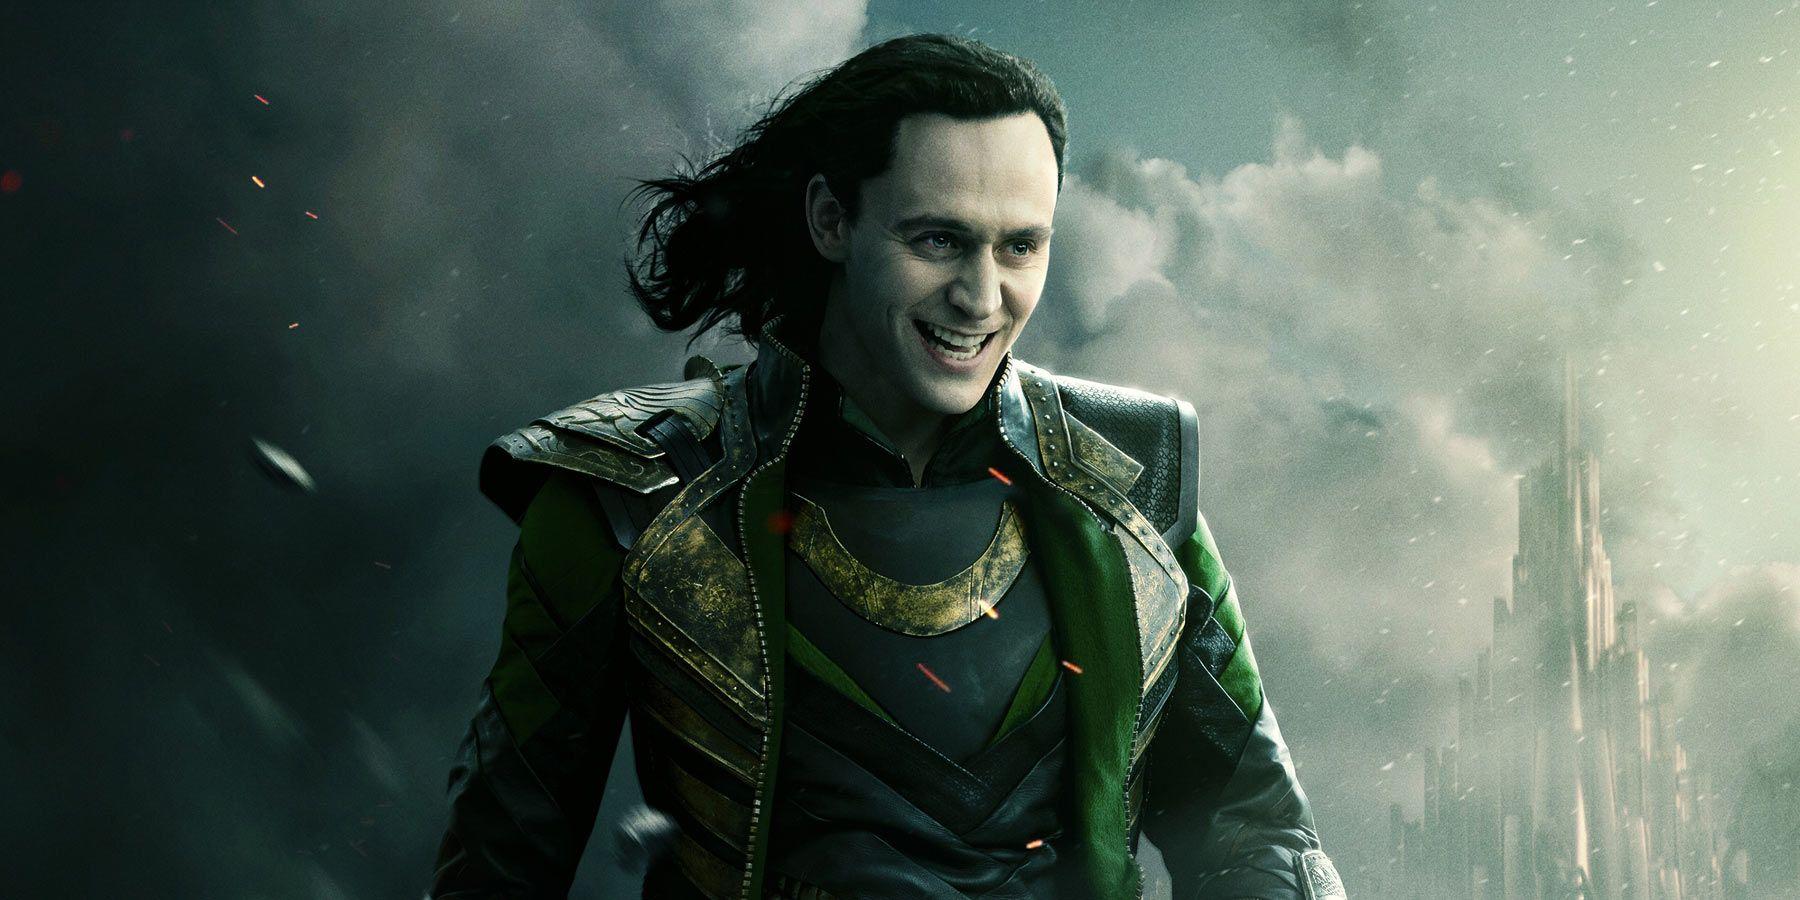 Loki in Thor: The Dark World (2013) was the best.